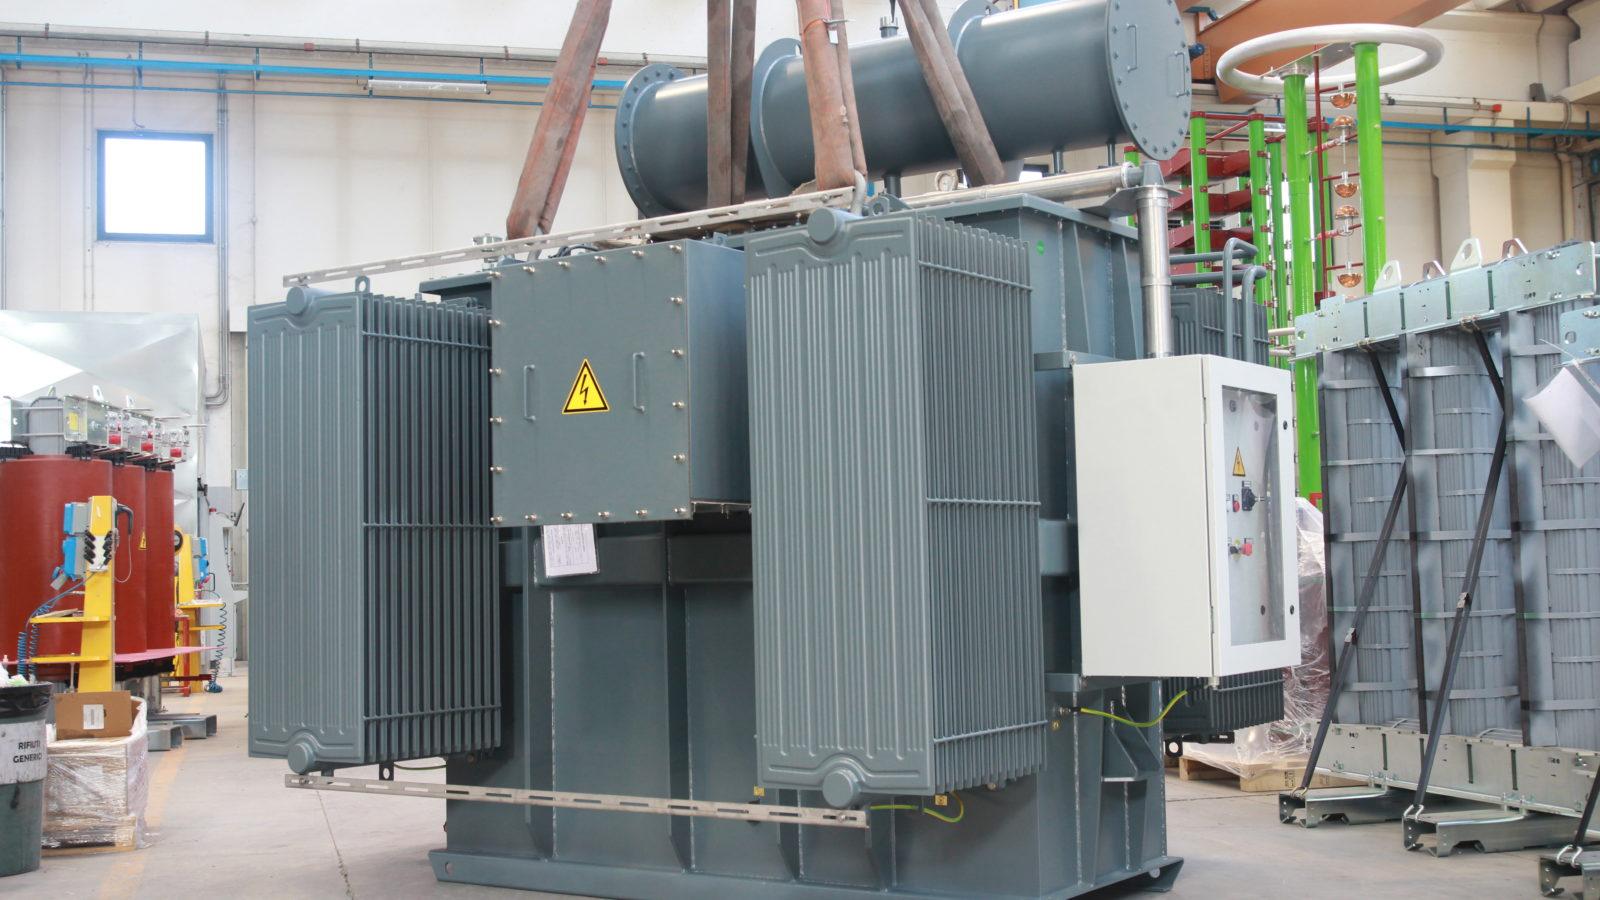 5400kVAr Shunt reactor with motorized off load tap changer